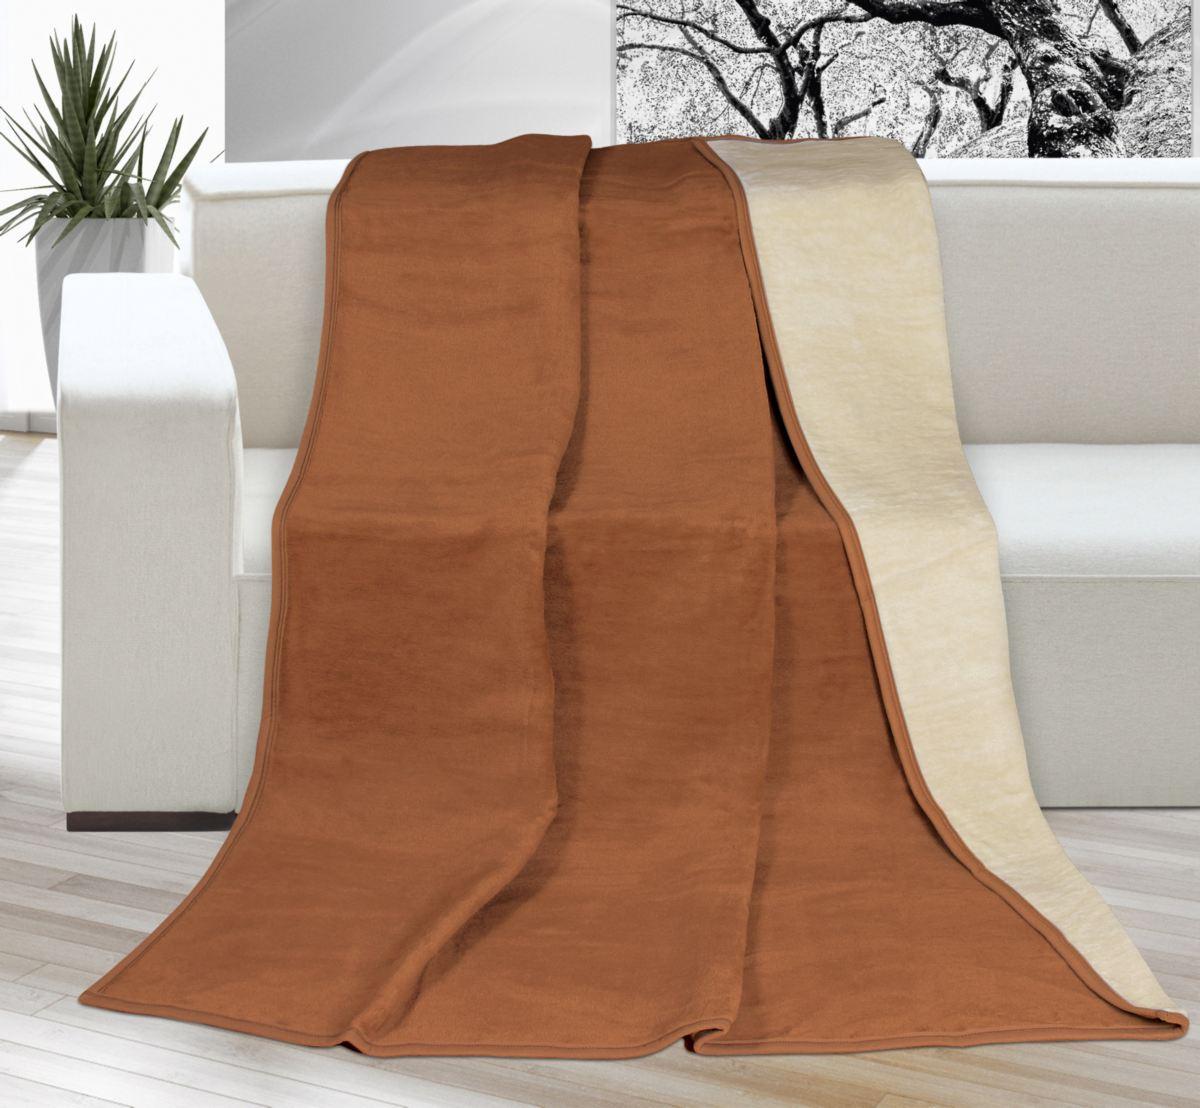 Velká deka larisa béžová/světle hnědá 200 x 230 cm